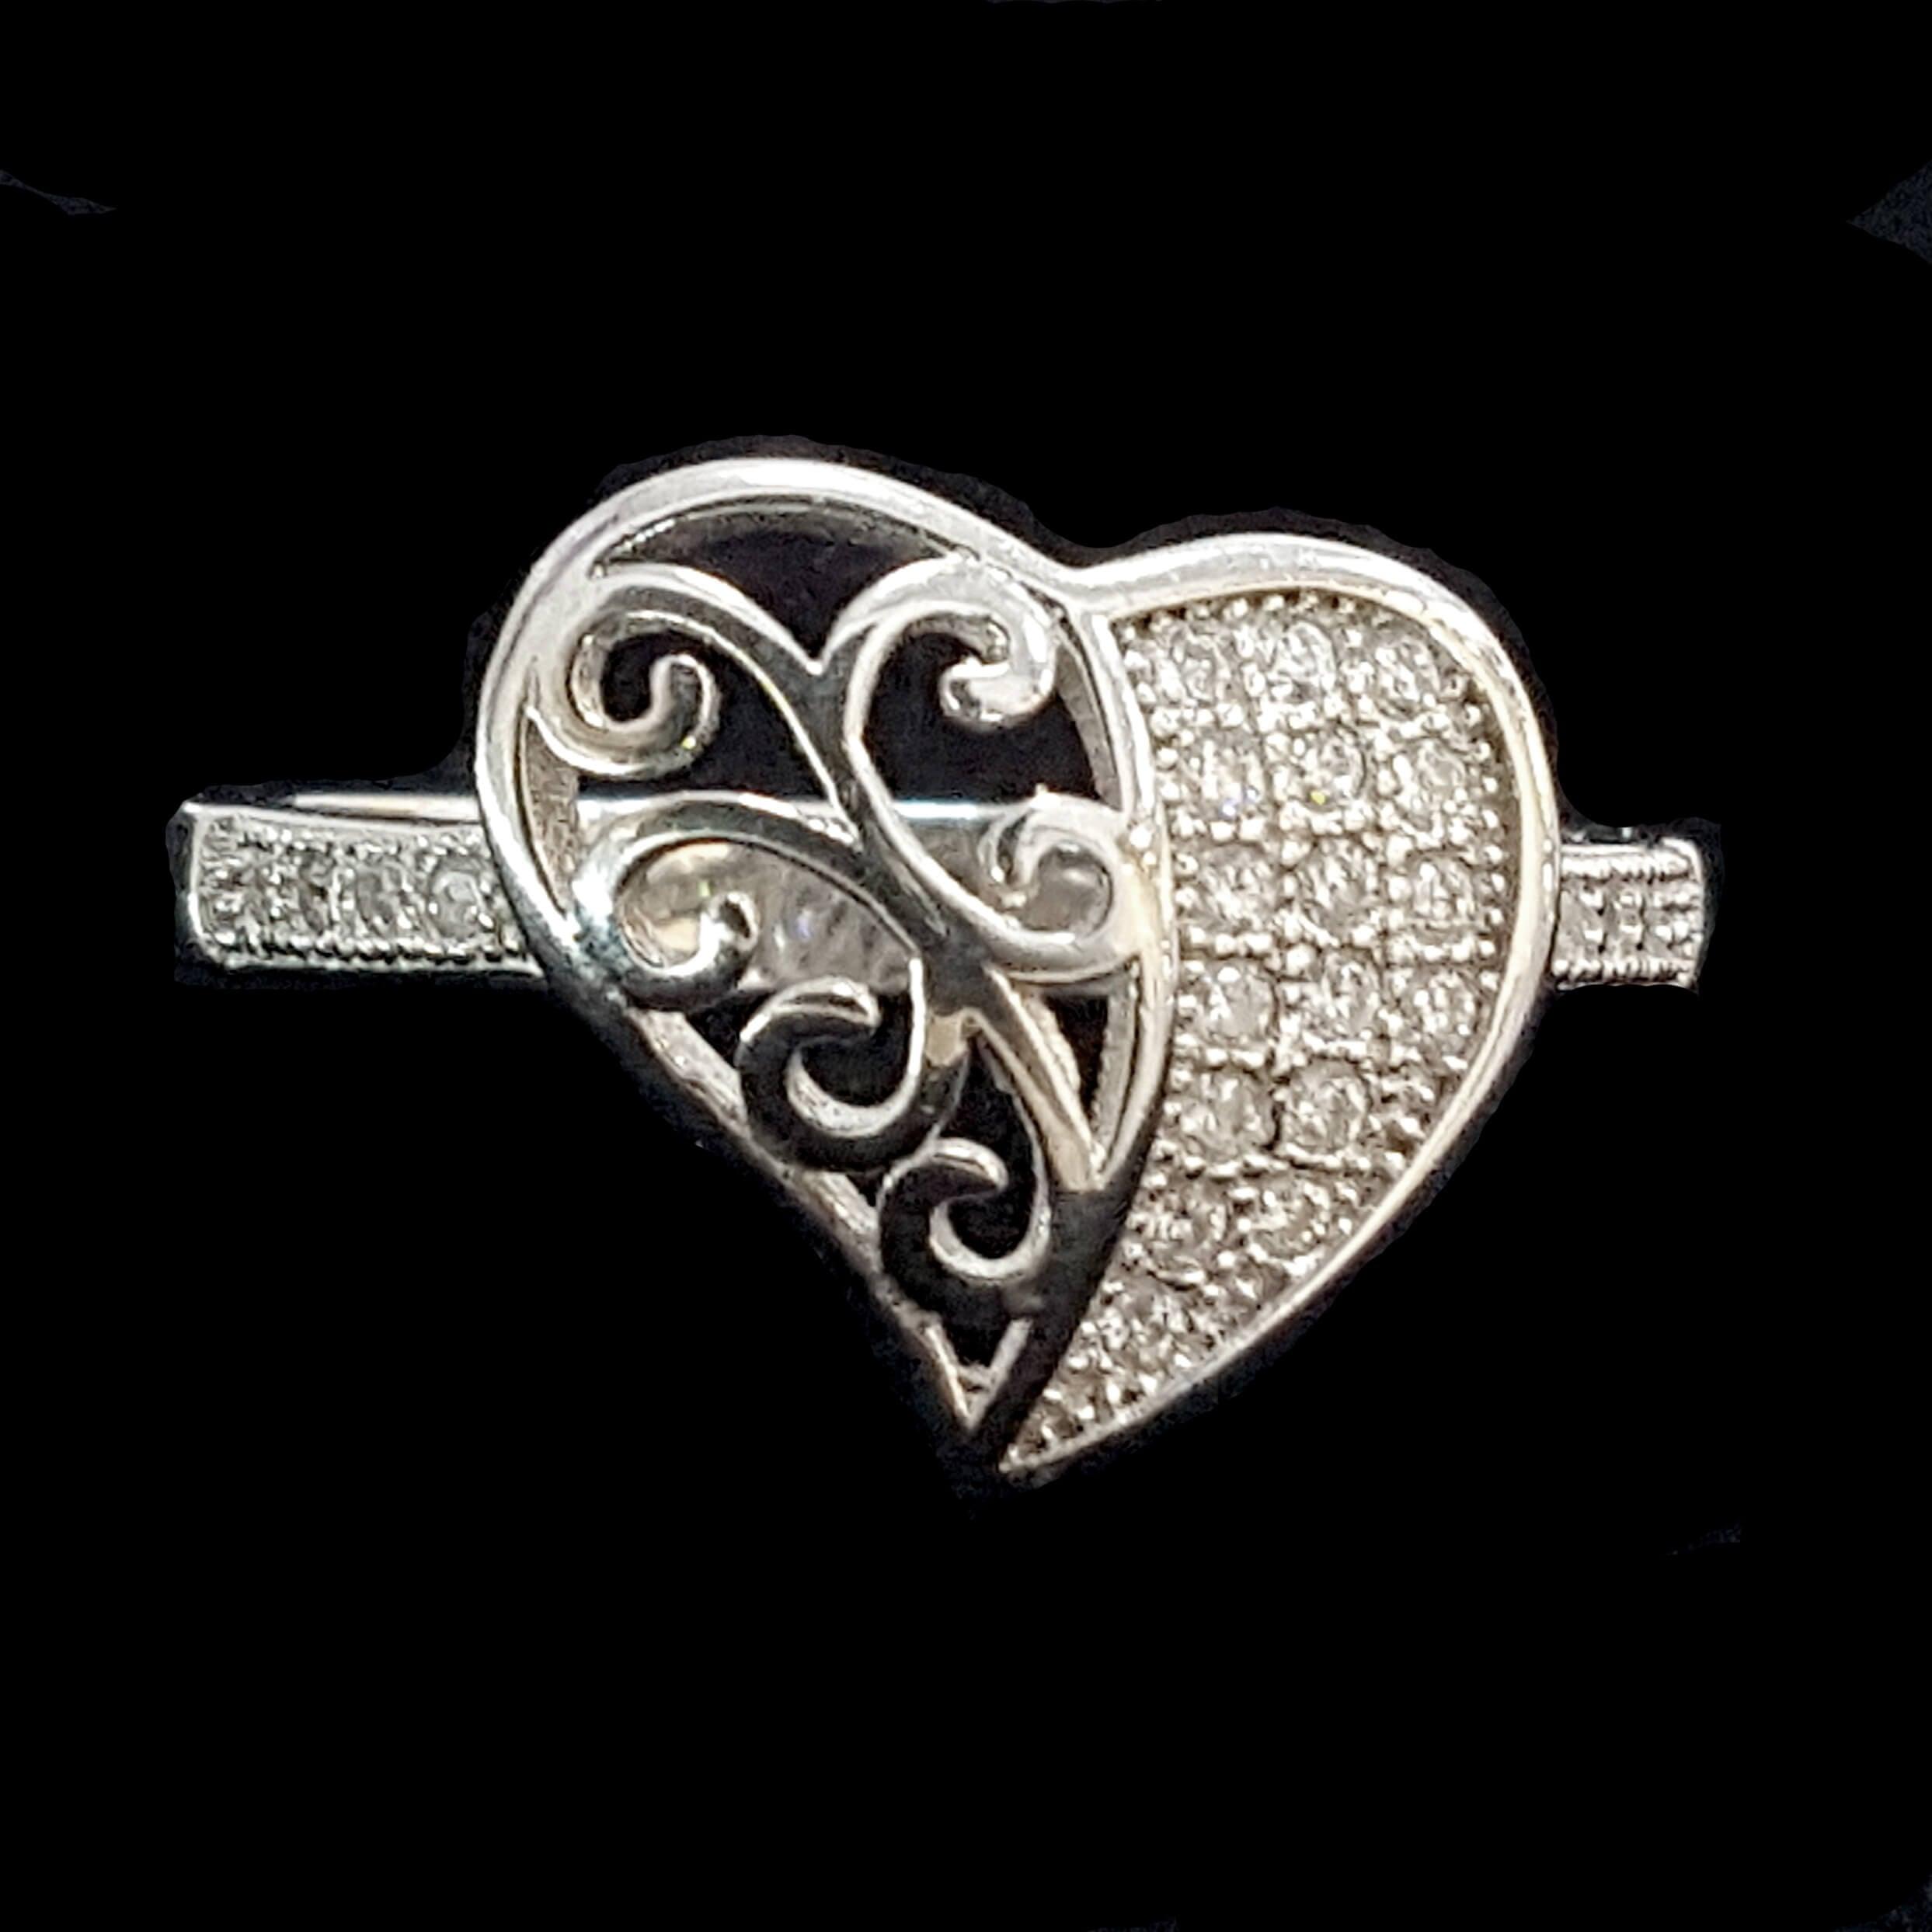 טבעת כסף לב משובצת זרקונים RG3344